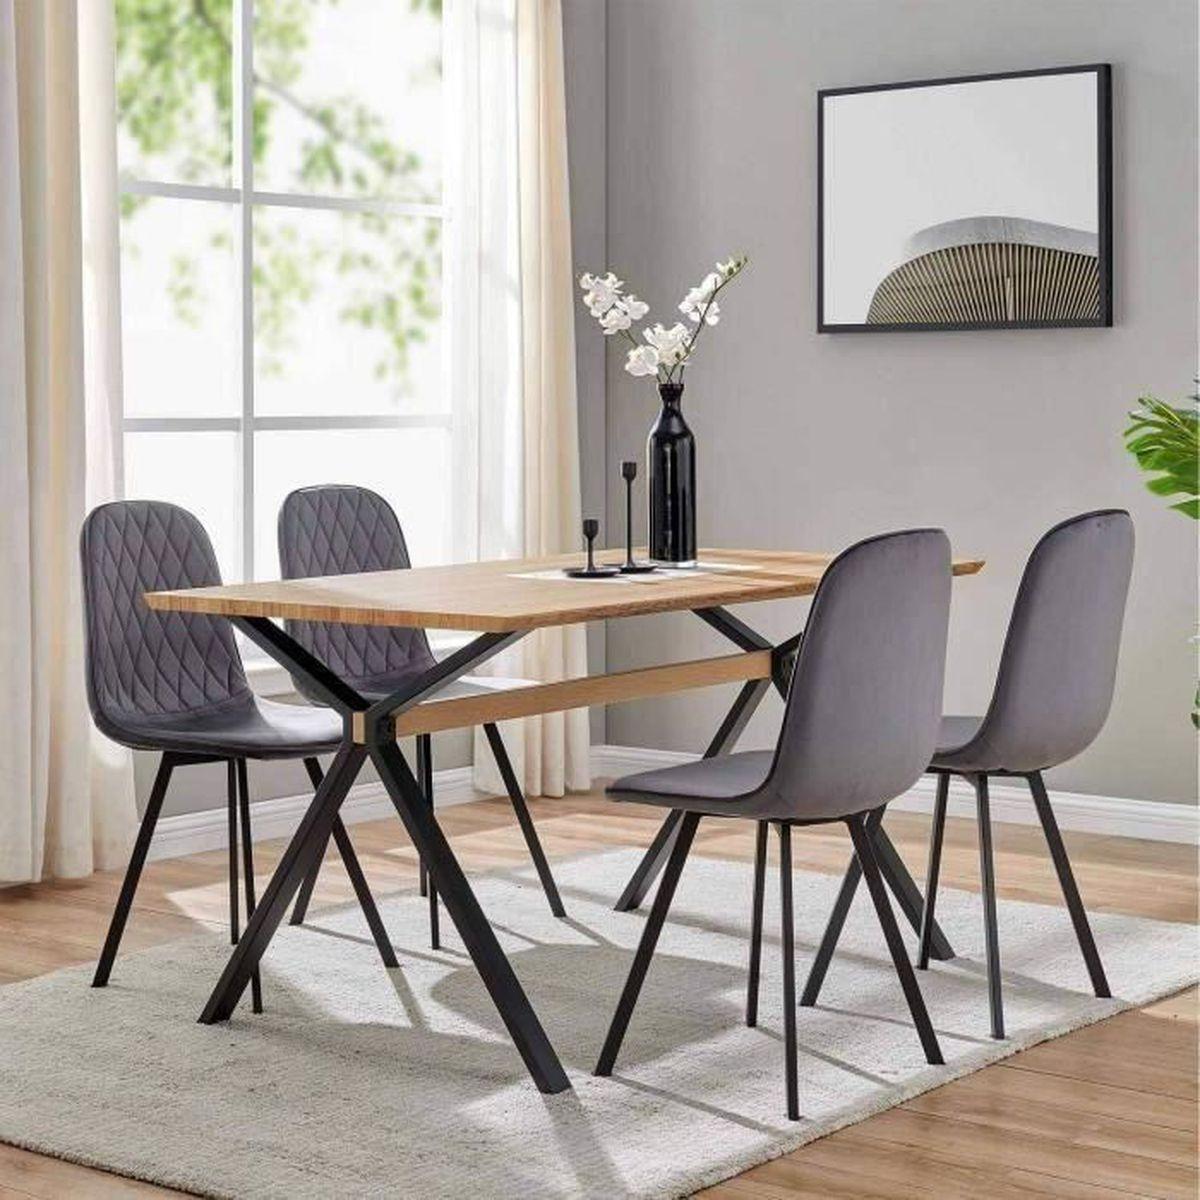 Table a manger avec chaises gris et blanc